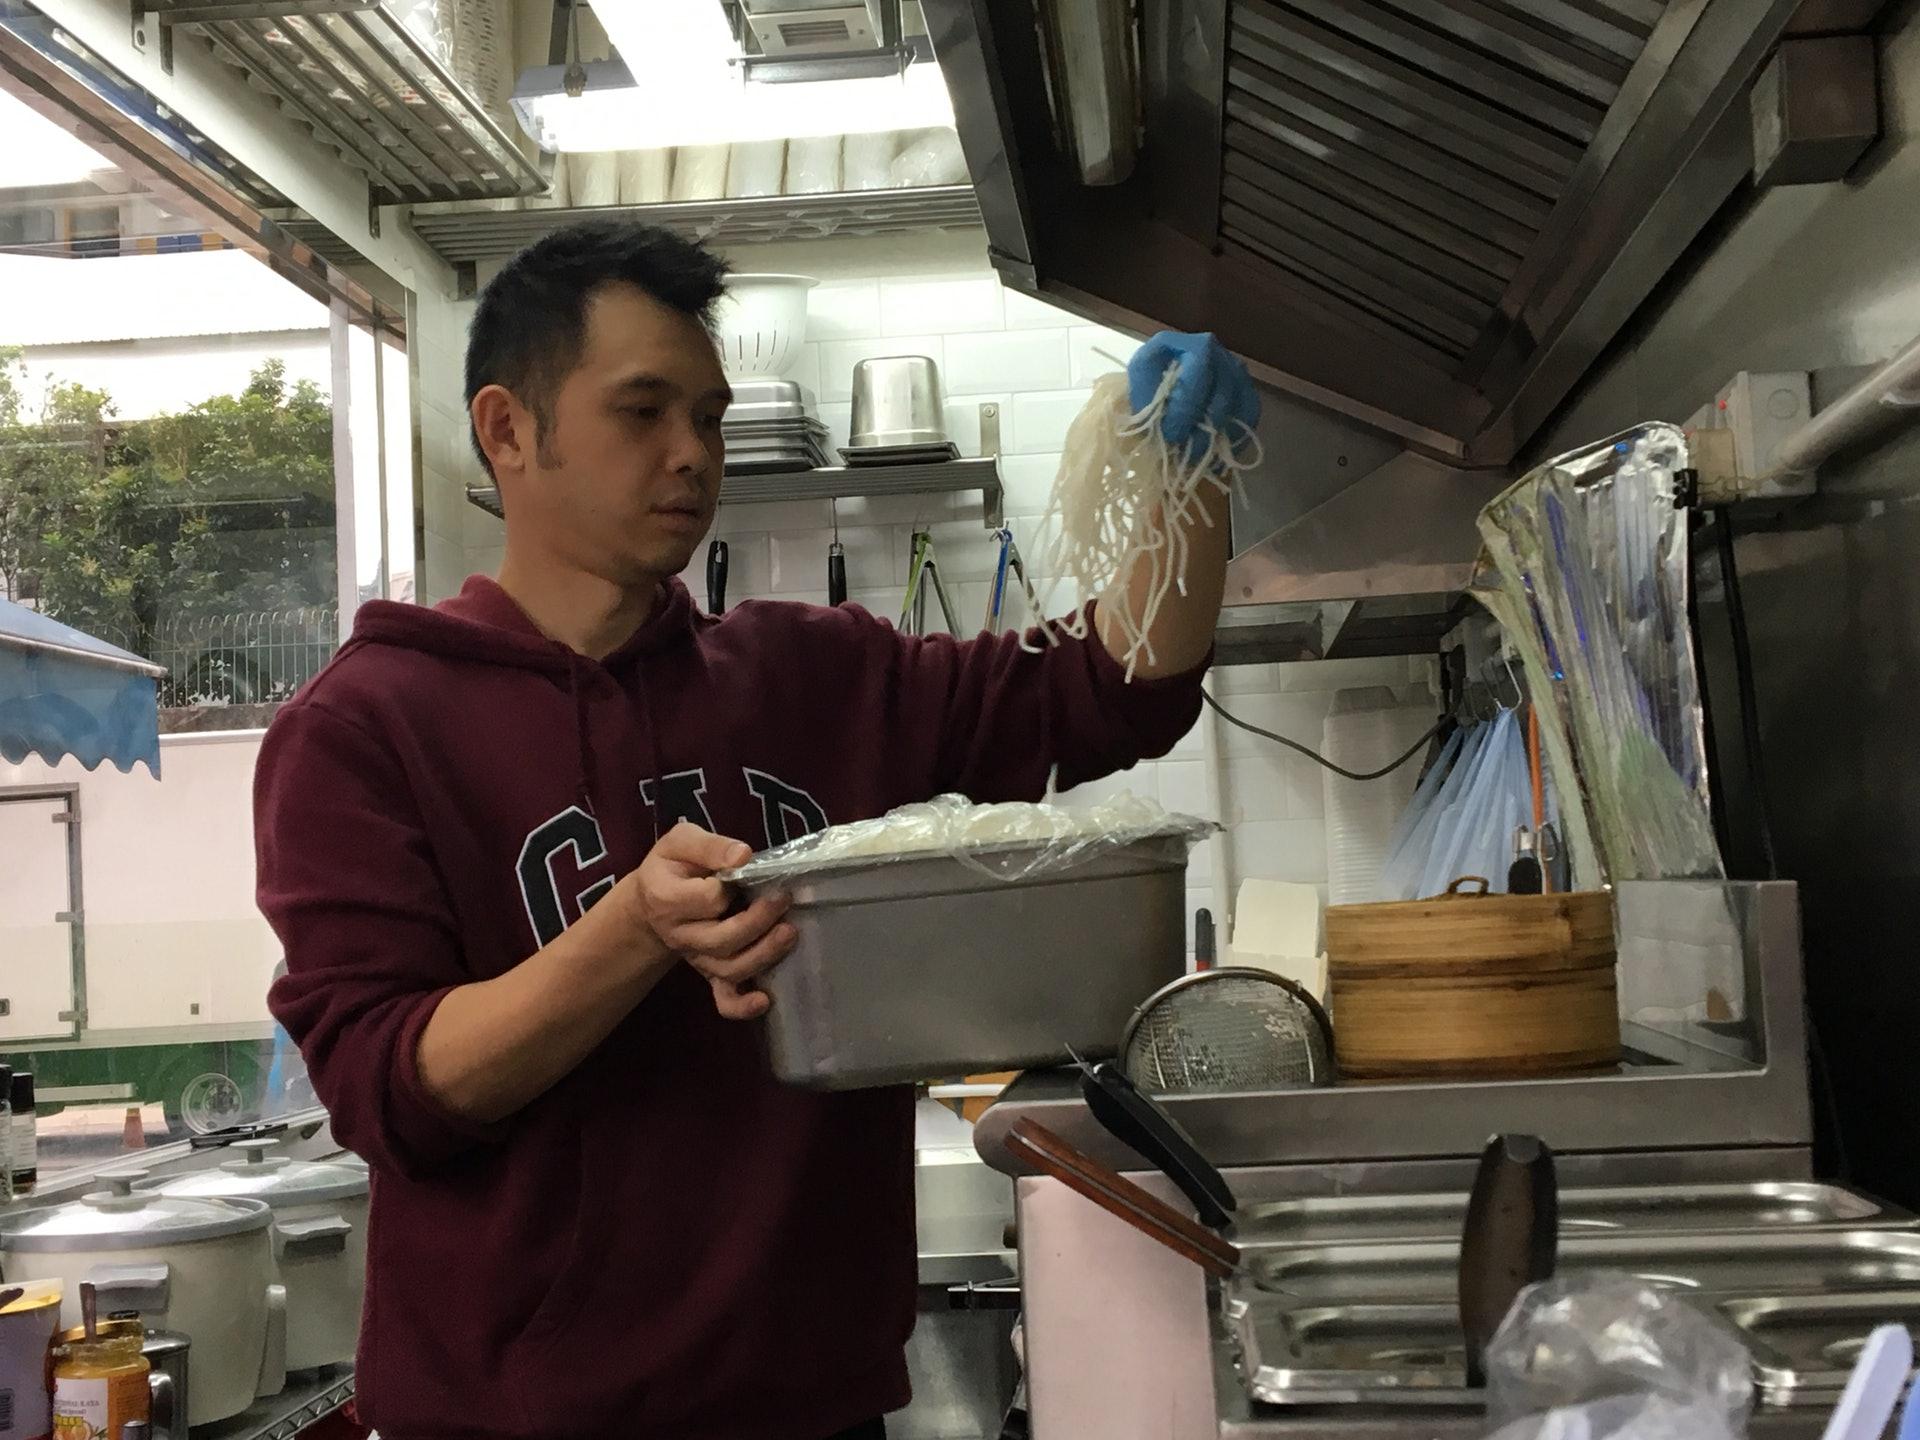 阿傑懂得5、6個國家的菜式,但創業時只想分享兒時最愛的味道--媽媽煮的喇沙。(王淑君攝)